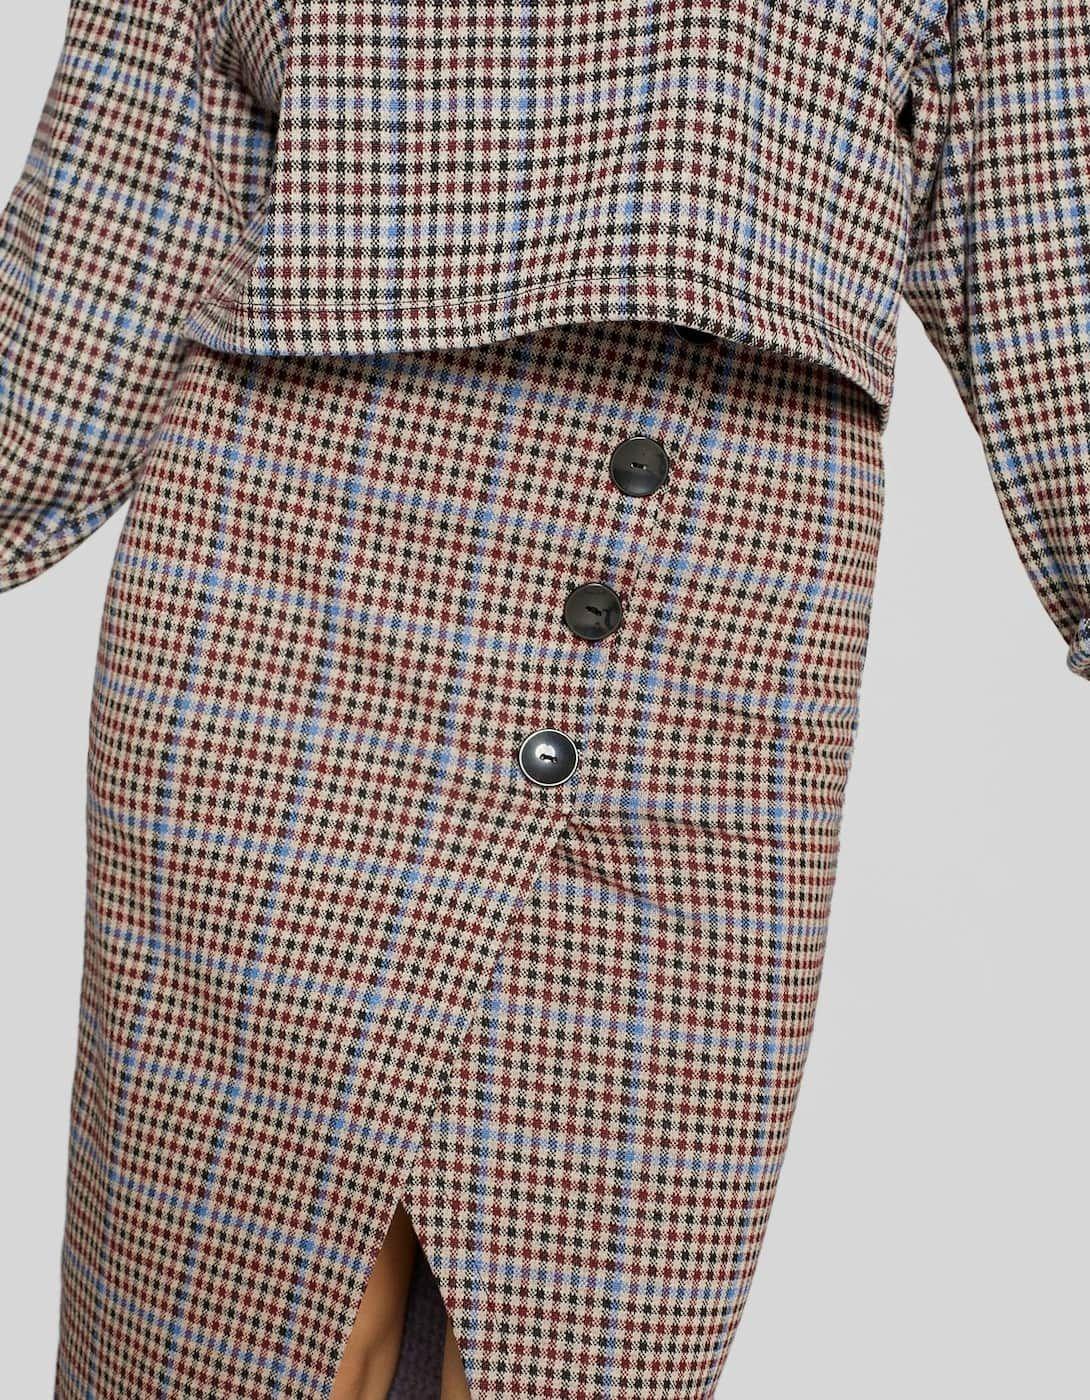 d715f56b904 Jupe crayon carreaux - Jupes et robes-salopettes